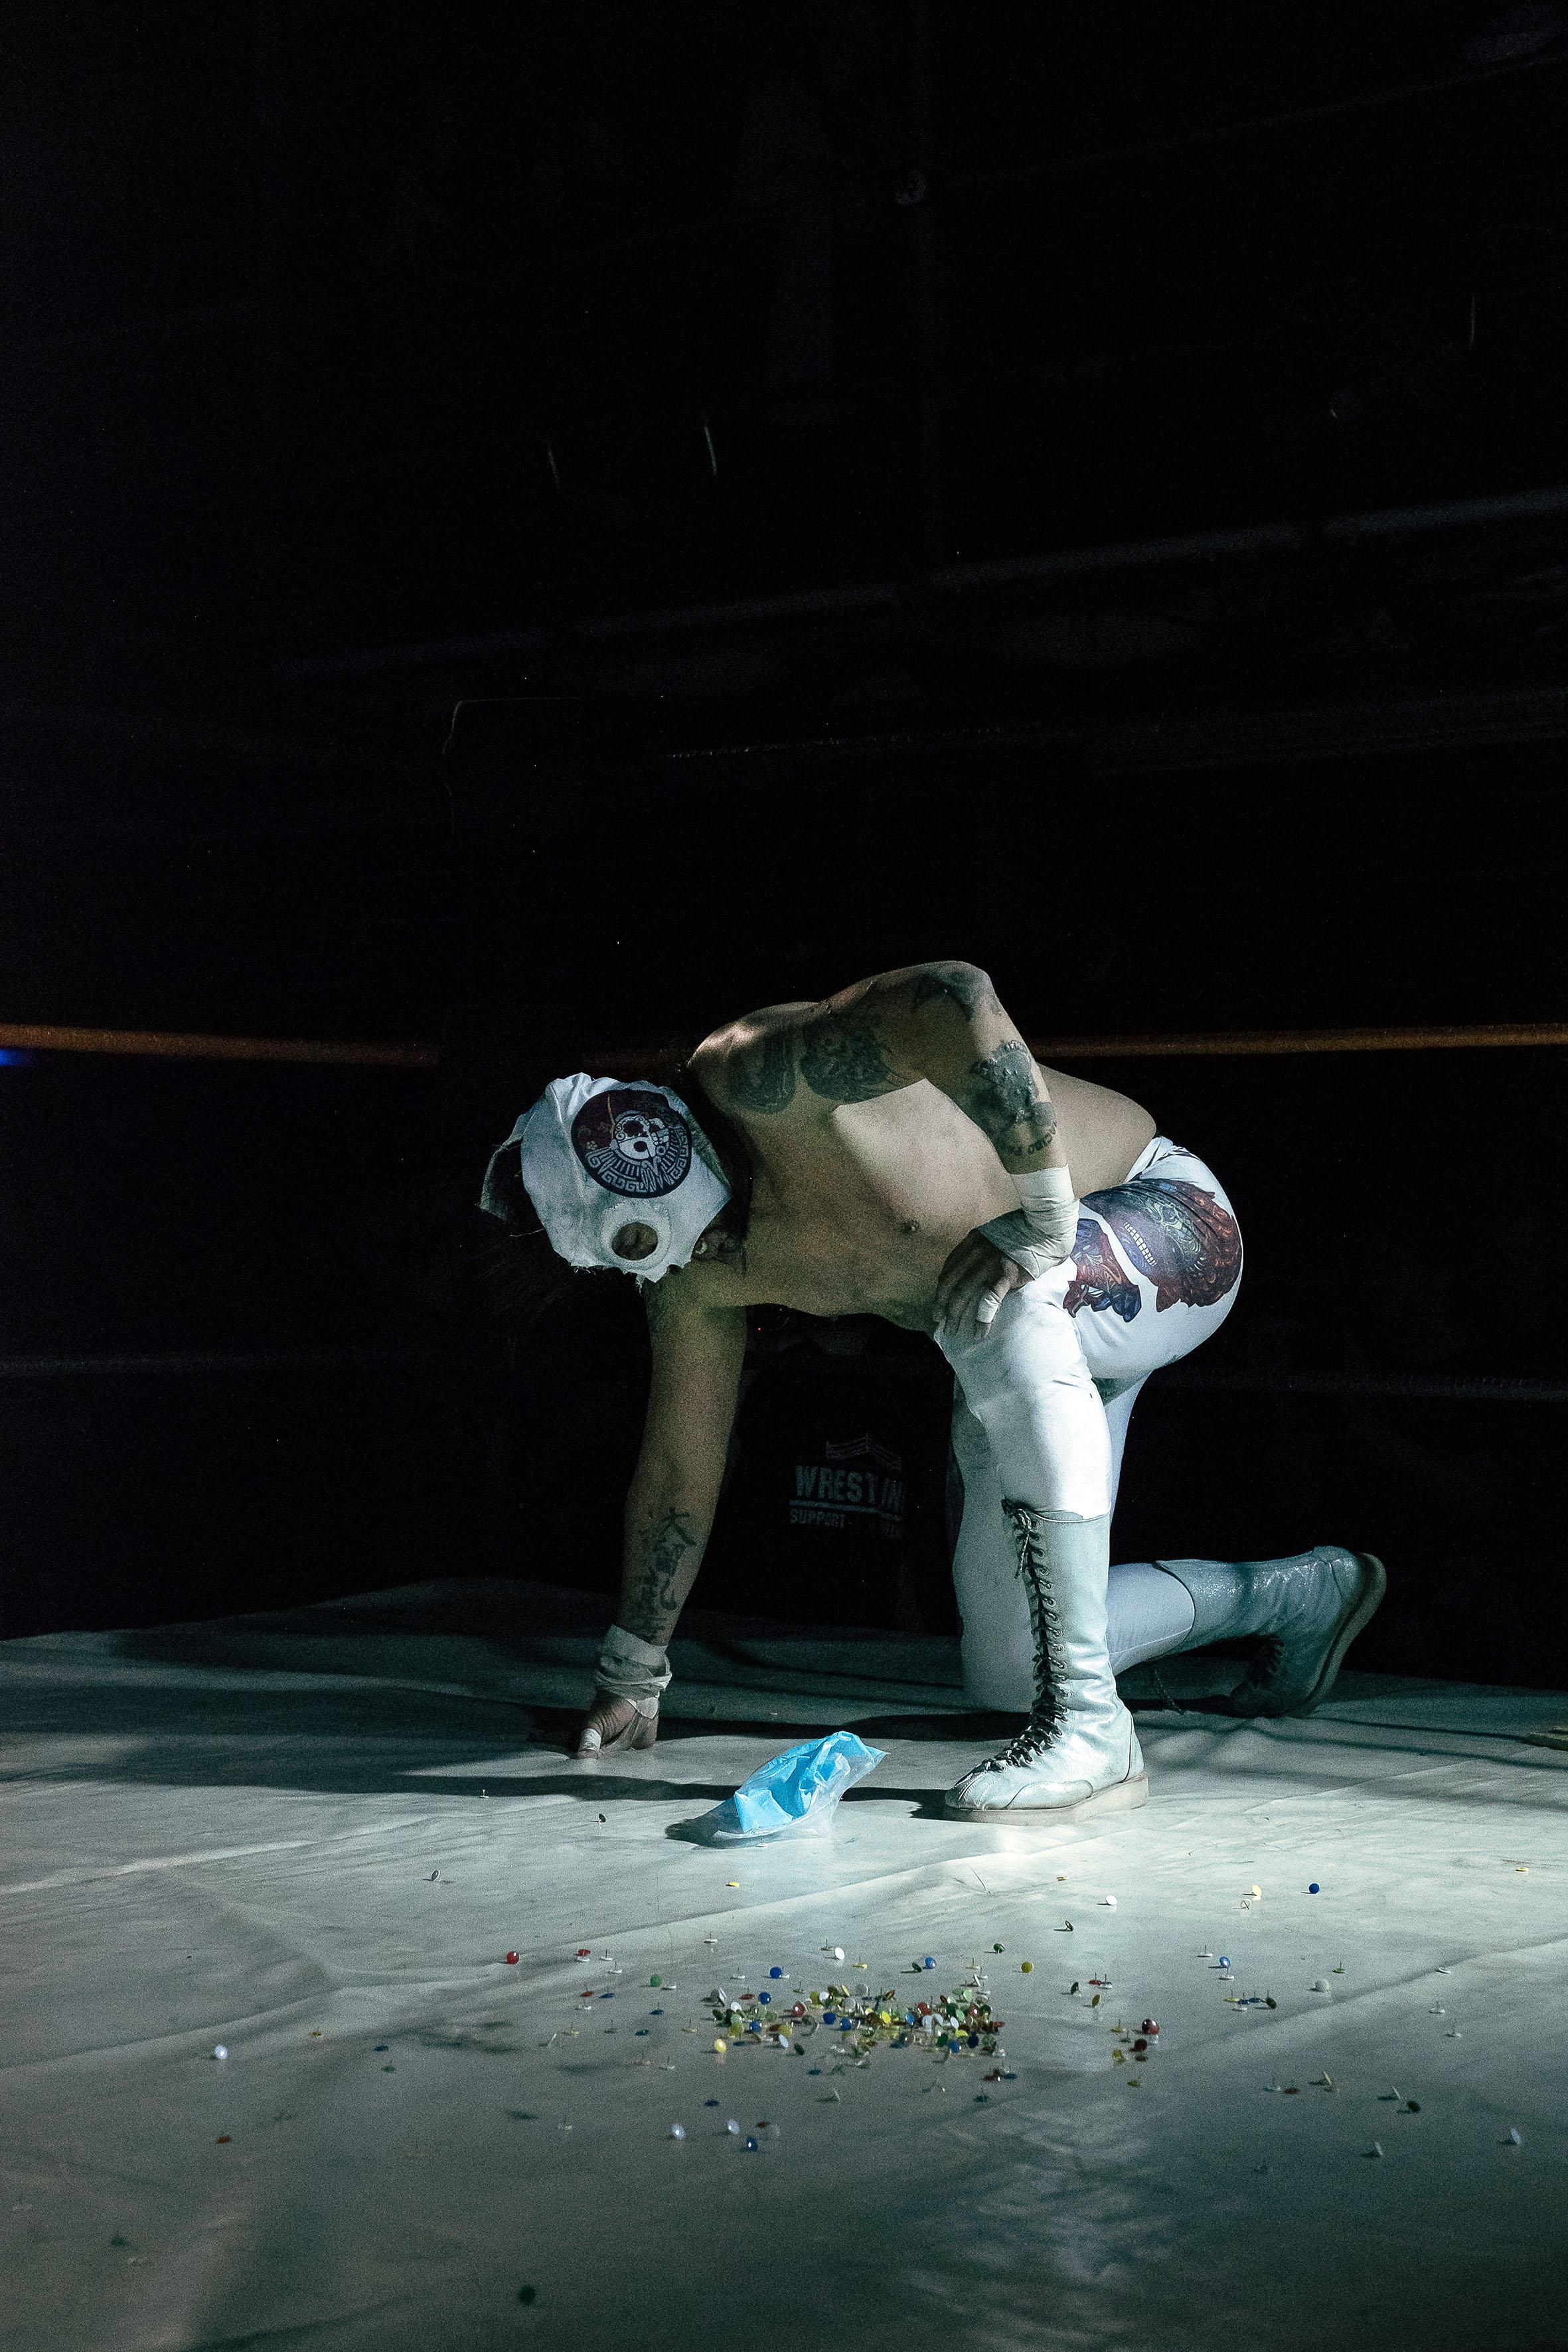 73_wrestling.jpg